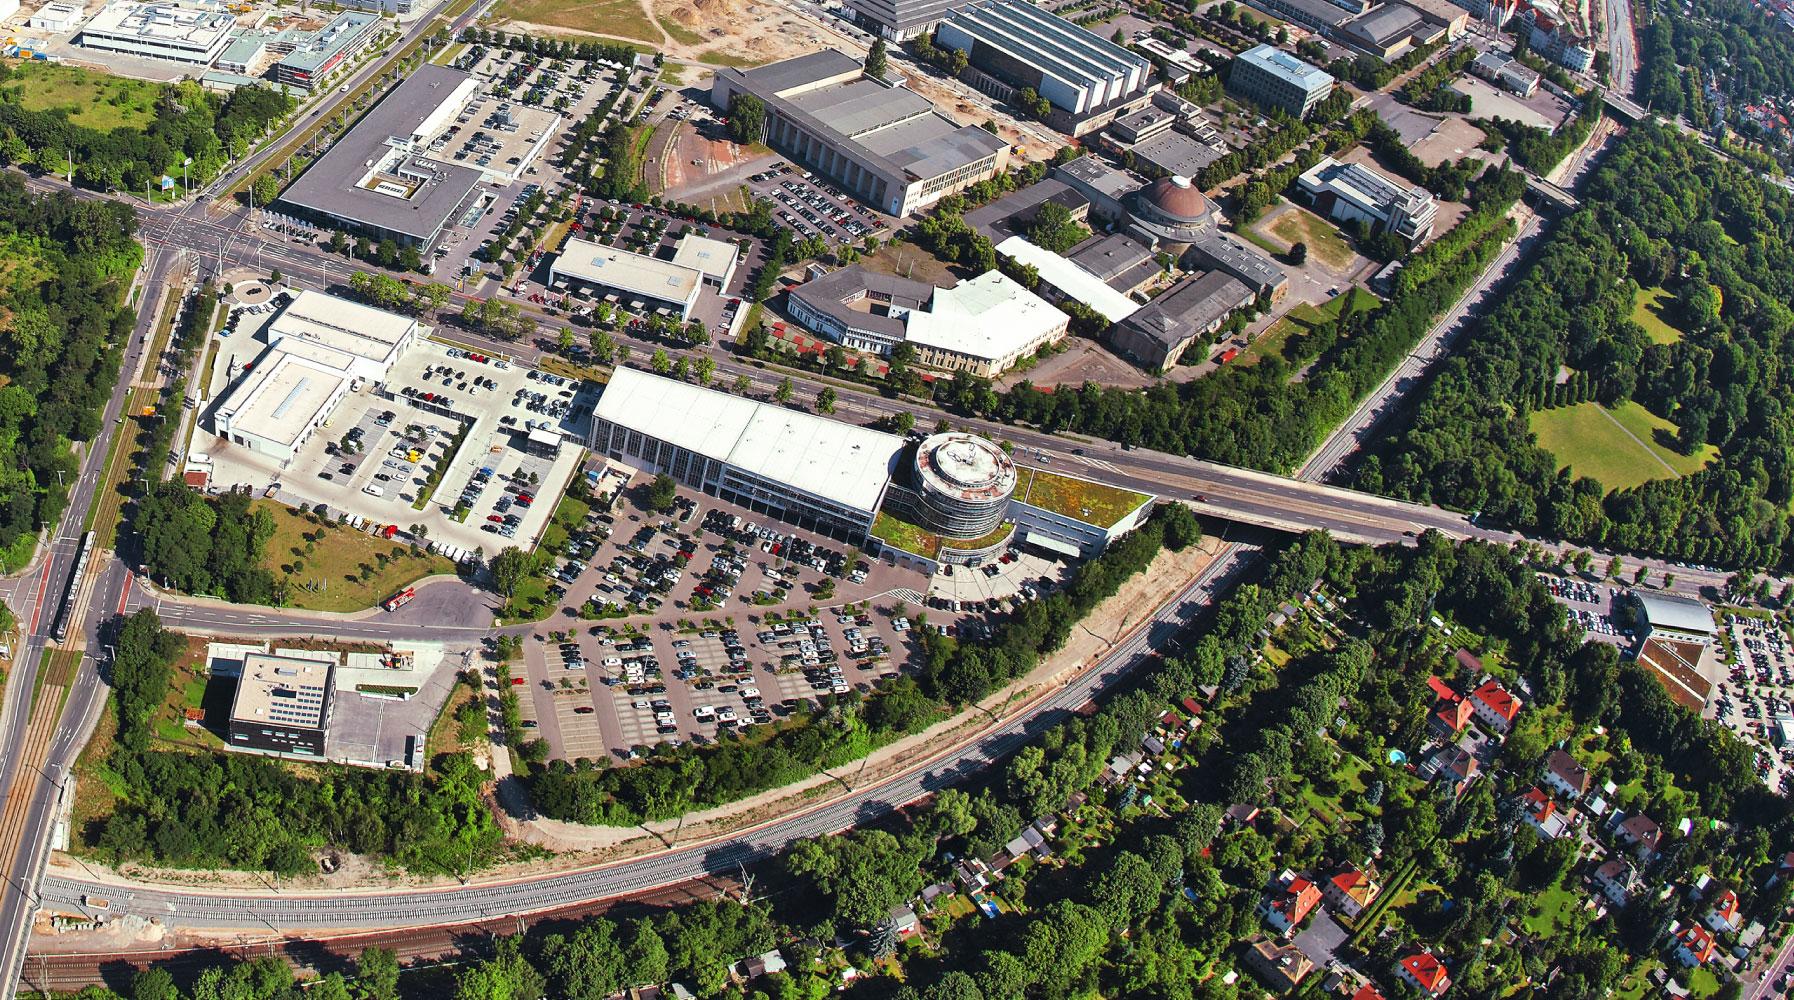 Luftbild der Automeile Leipzig